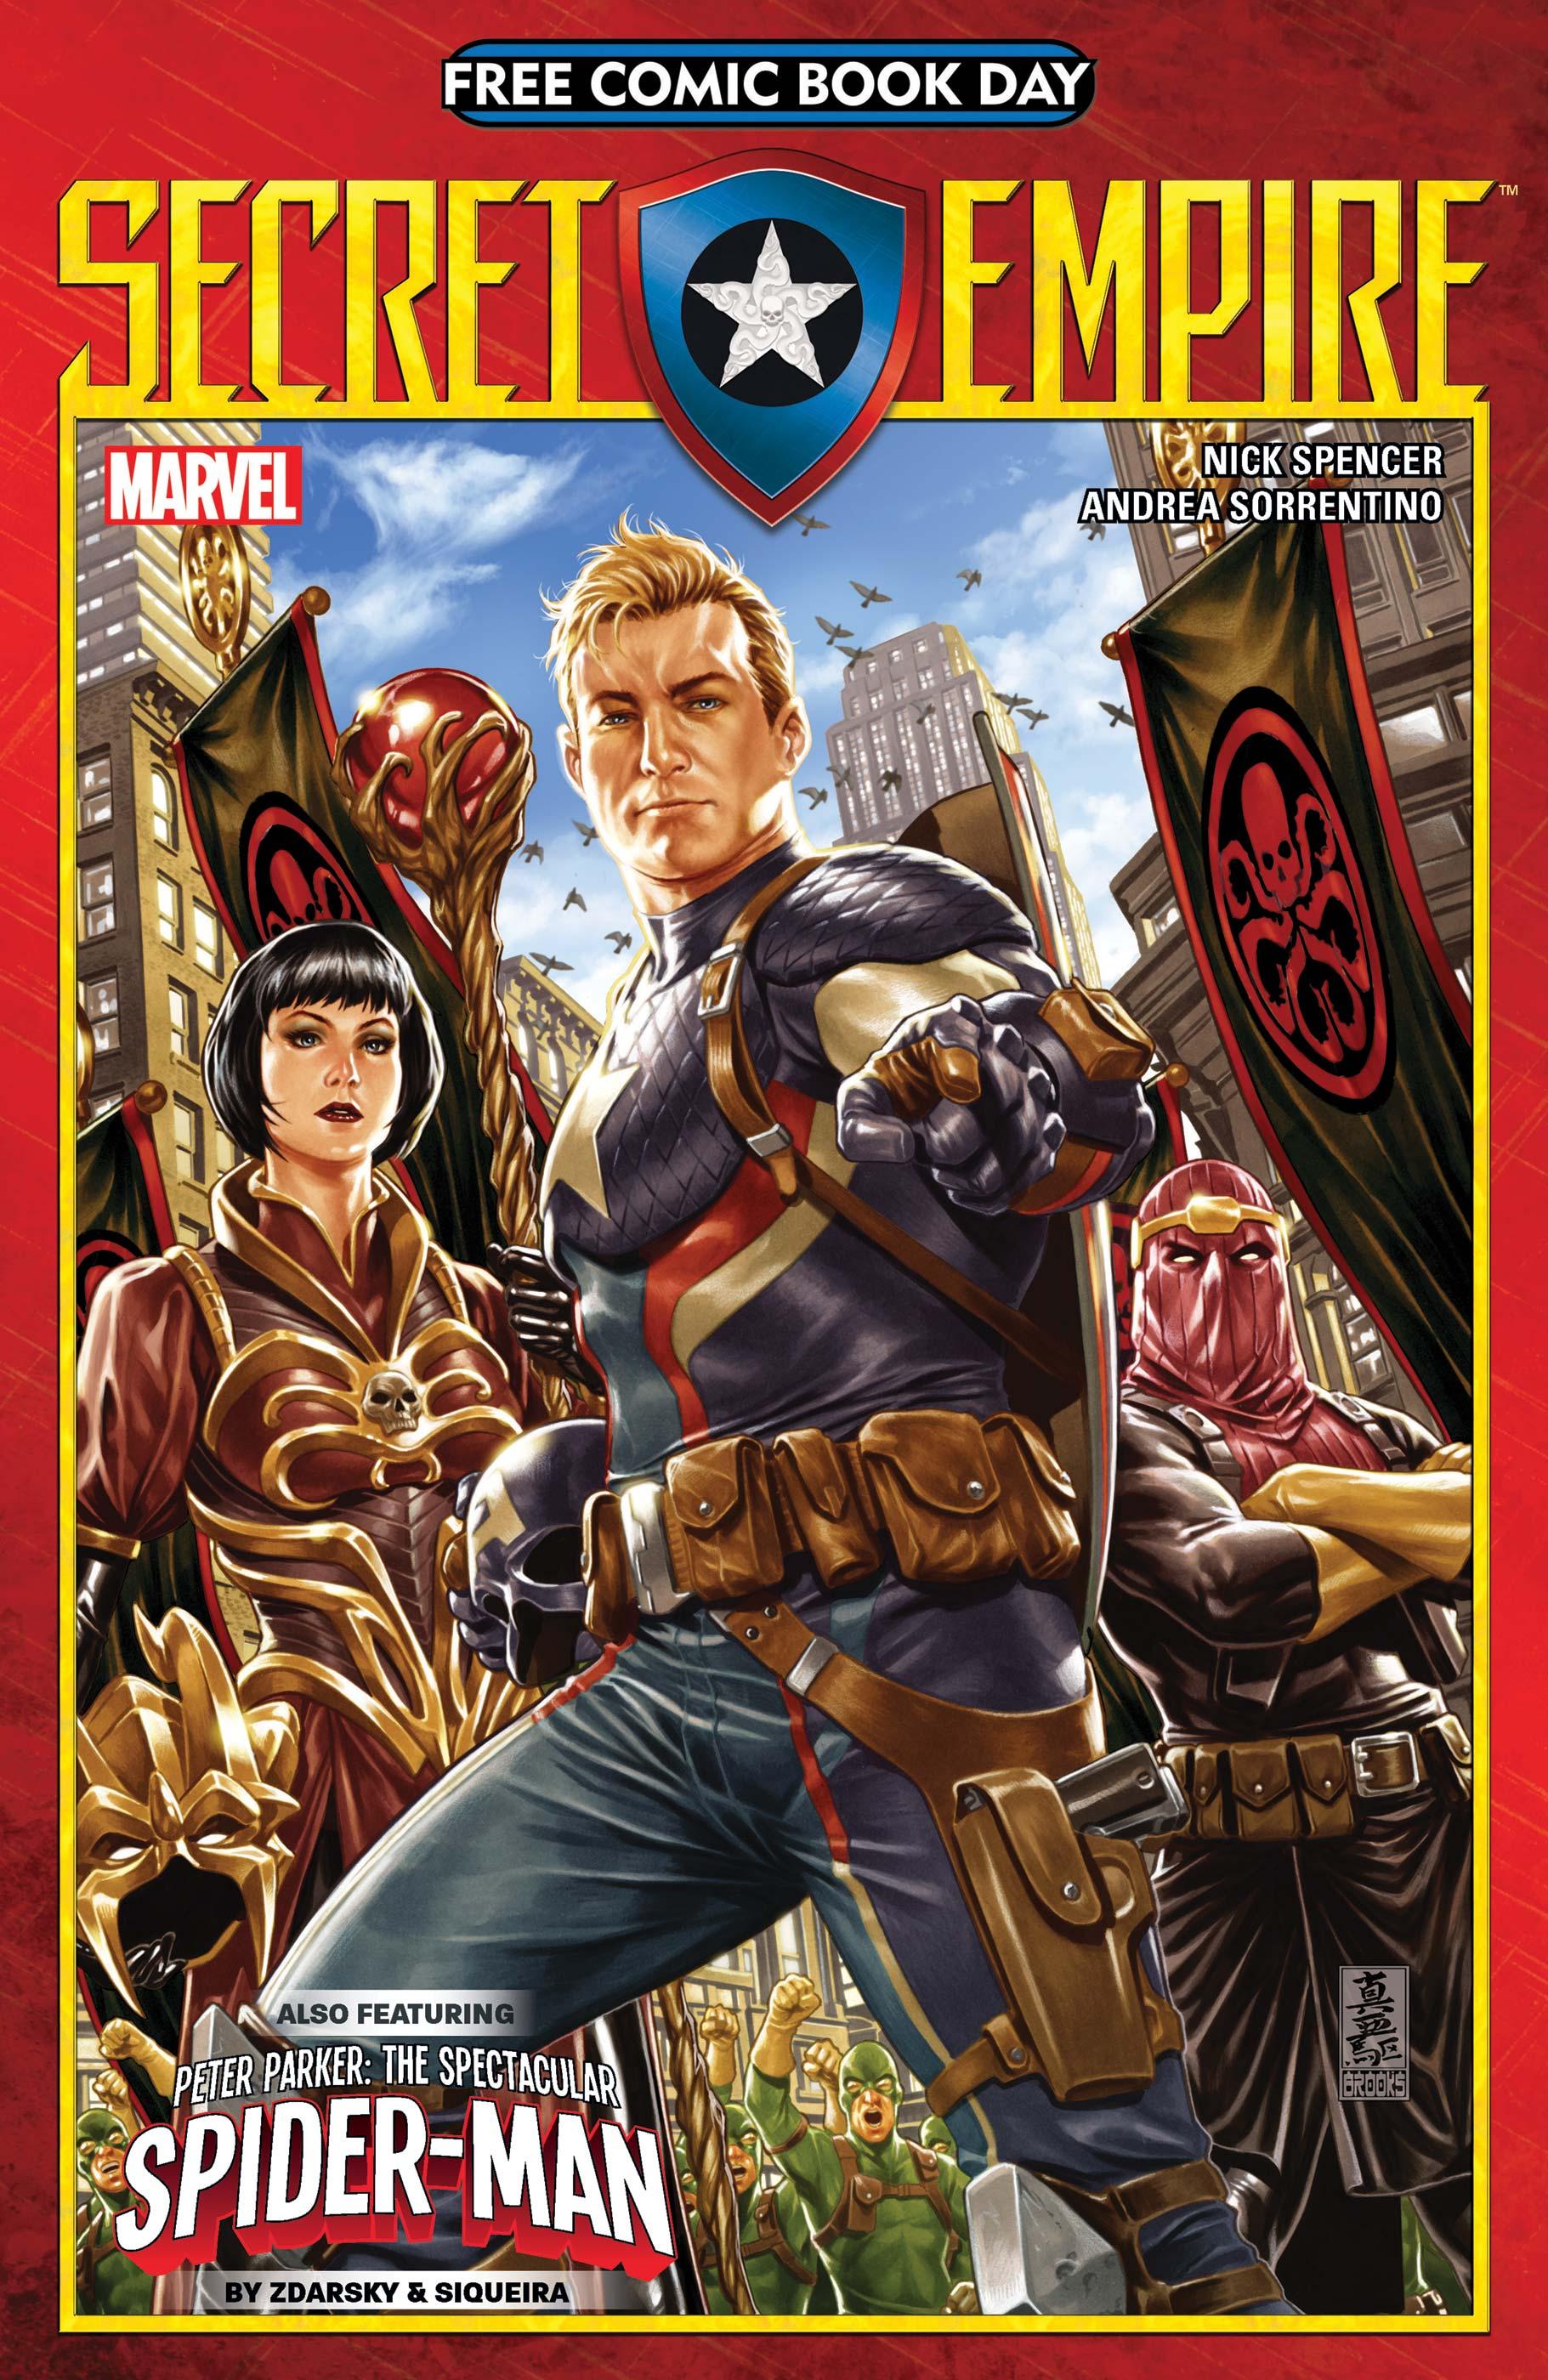 Free Comic Book Day (Secret Empire) (2017)